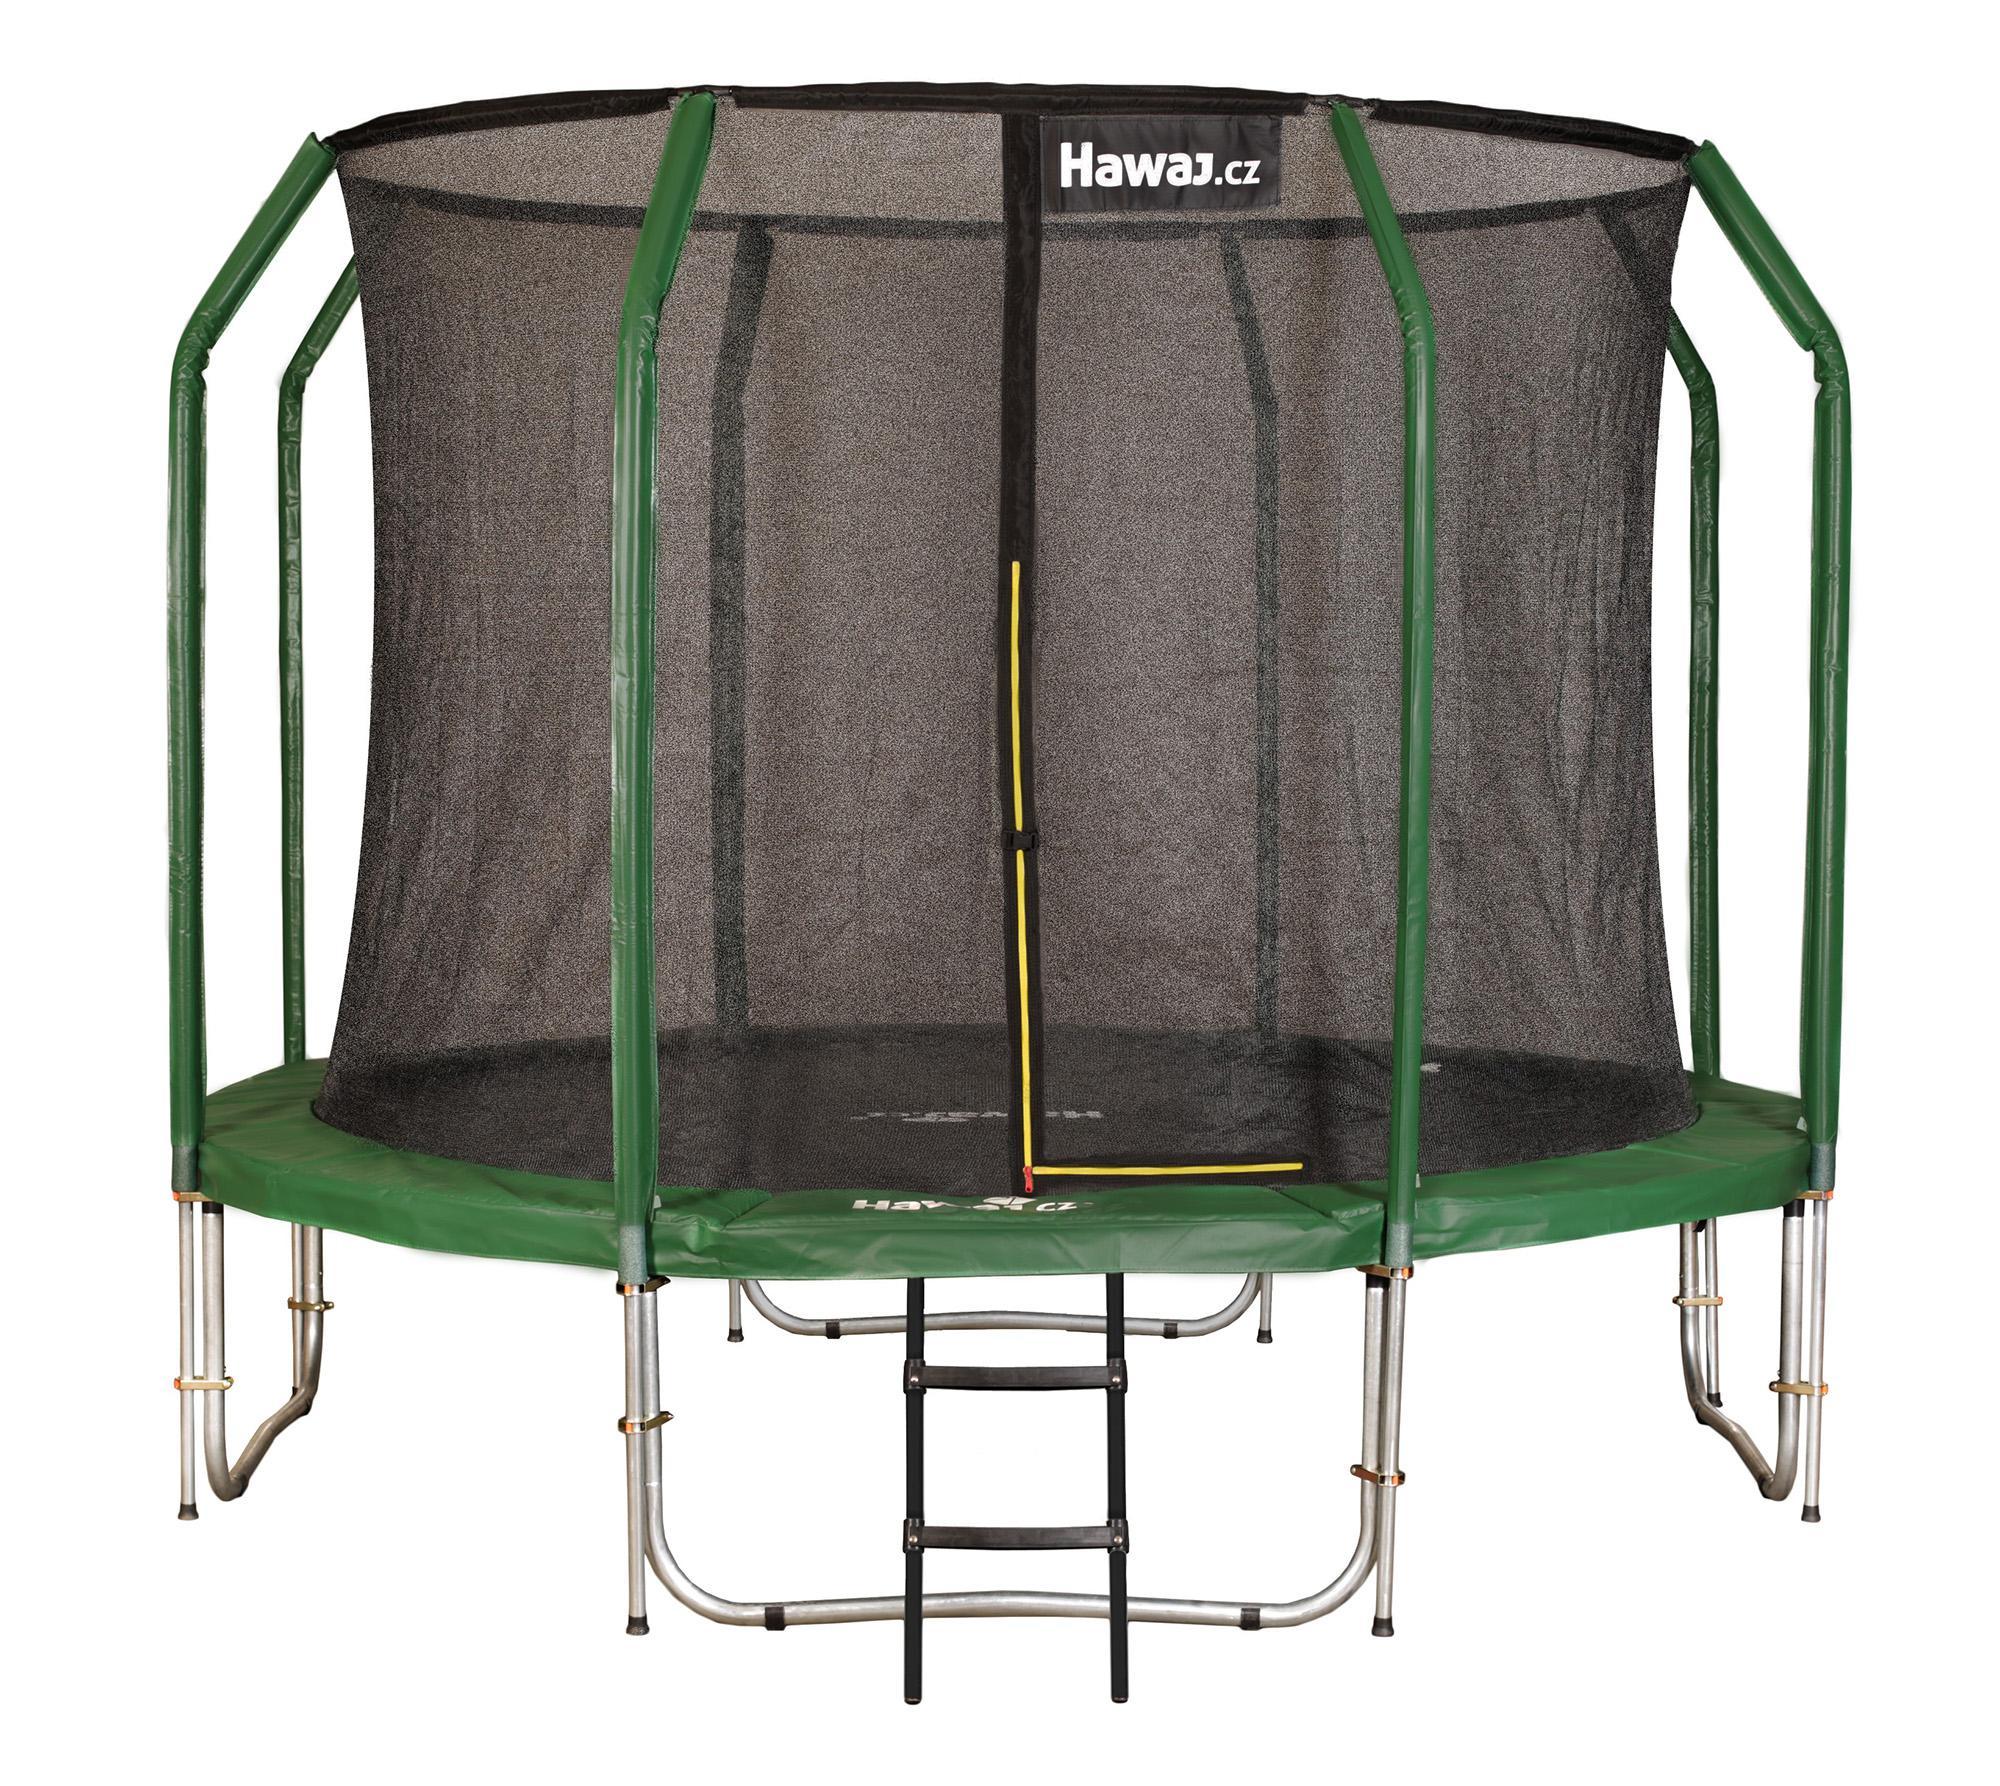 Trampolína Hawaj 427 cm + vnitřní ochranná sít + schůdky zdarma